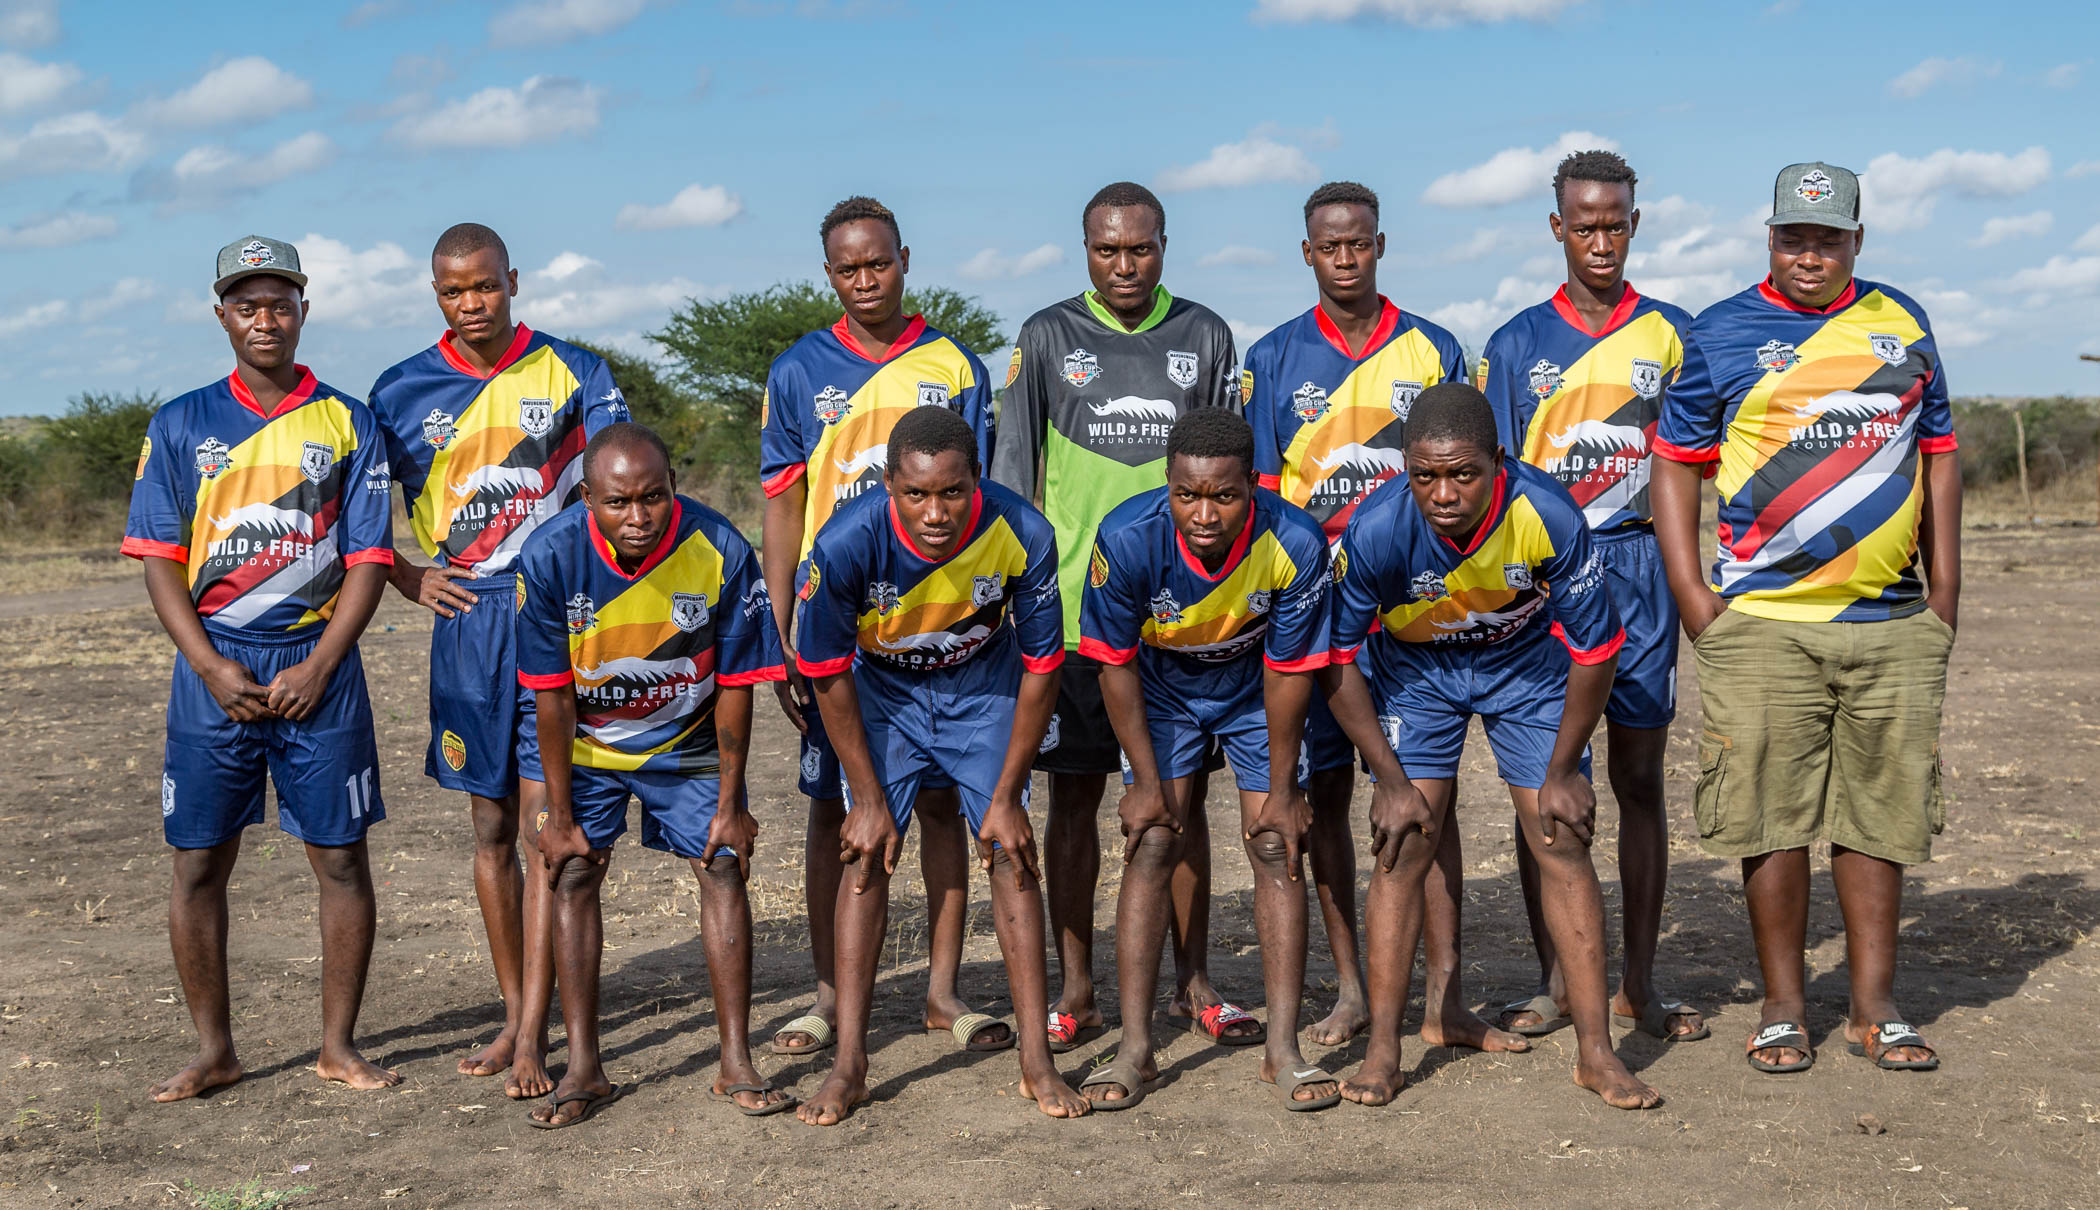 Mavungwana FC Elephants Team Photo, Rhino Cup Champions League, May 2019